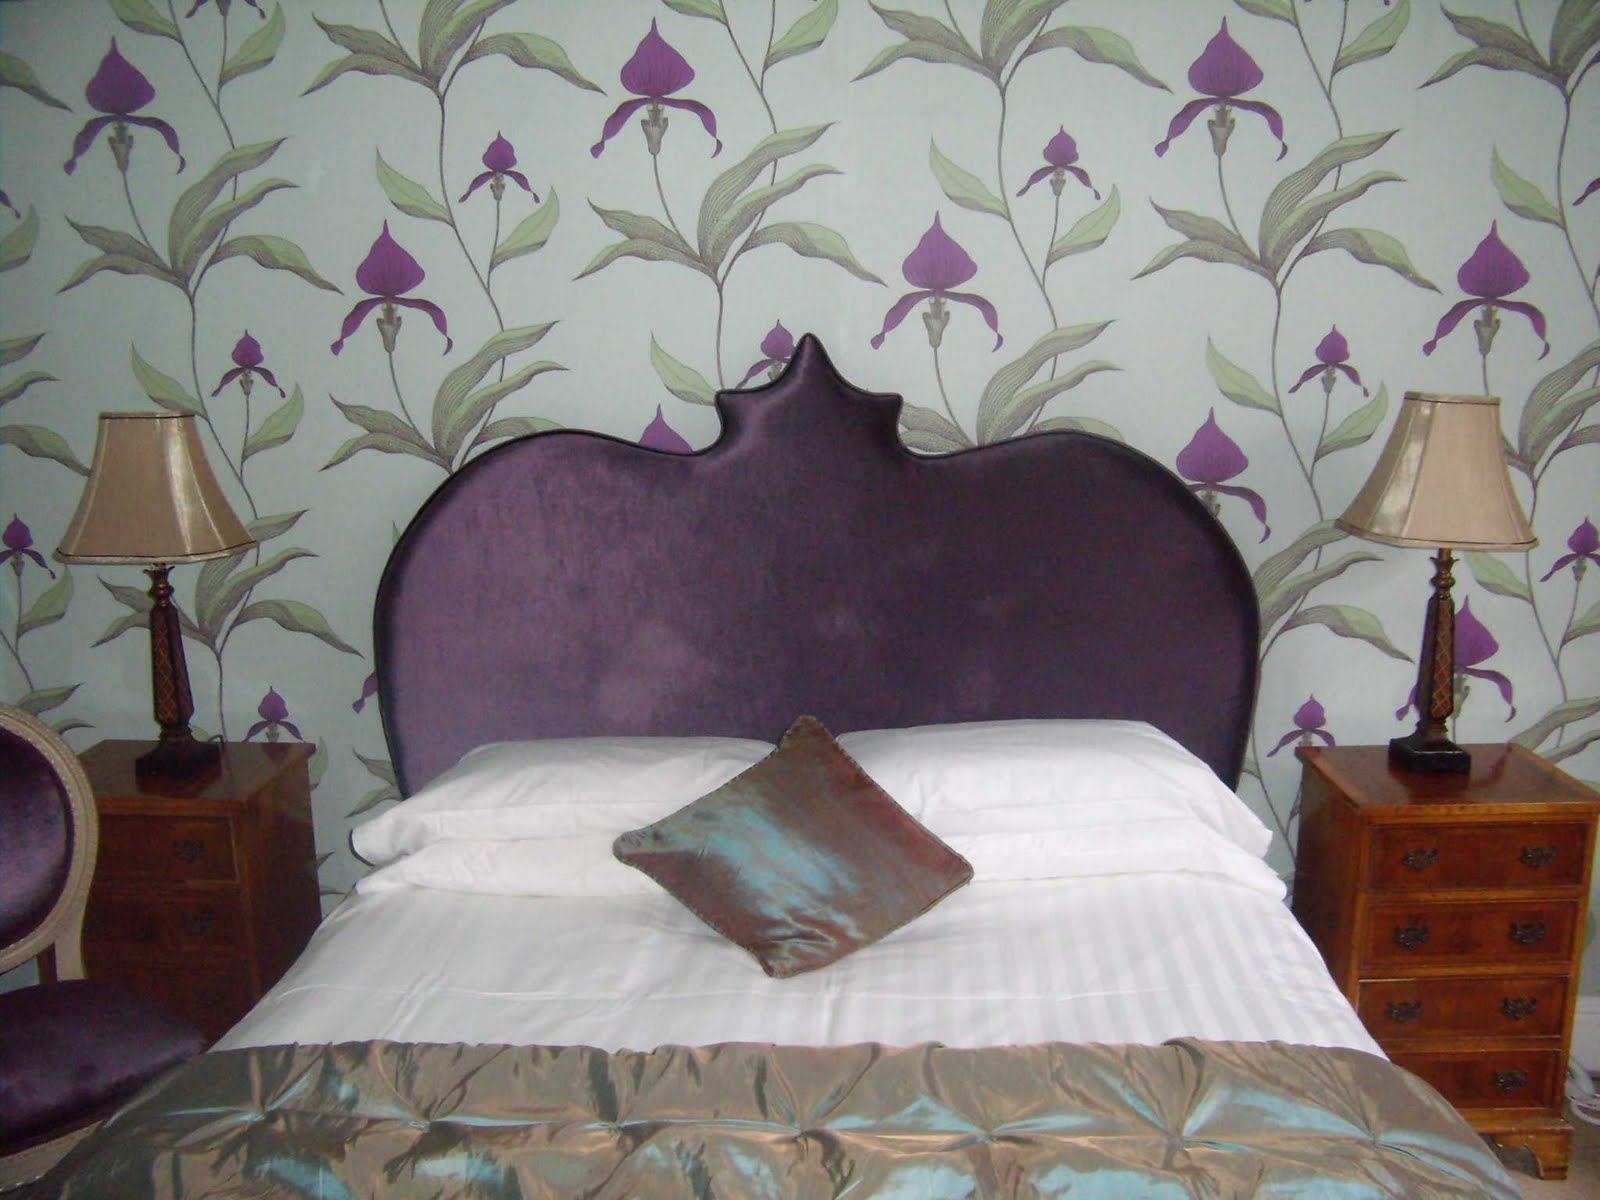 http://2.bp.blogspot.com/_3TPK-xhDmqw/S_2bmnpEYCI/AAAAAAAAAB8/1c88GSgC_s0/s1600/purple+headboard_WEB.jpg